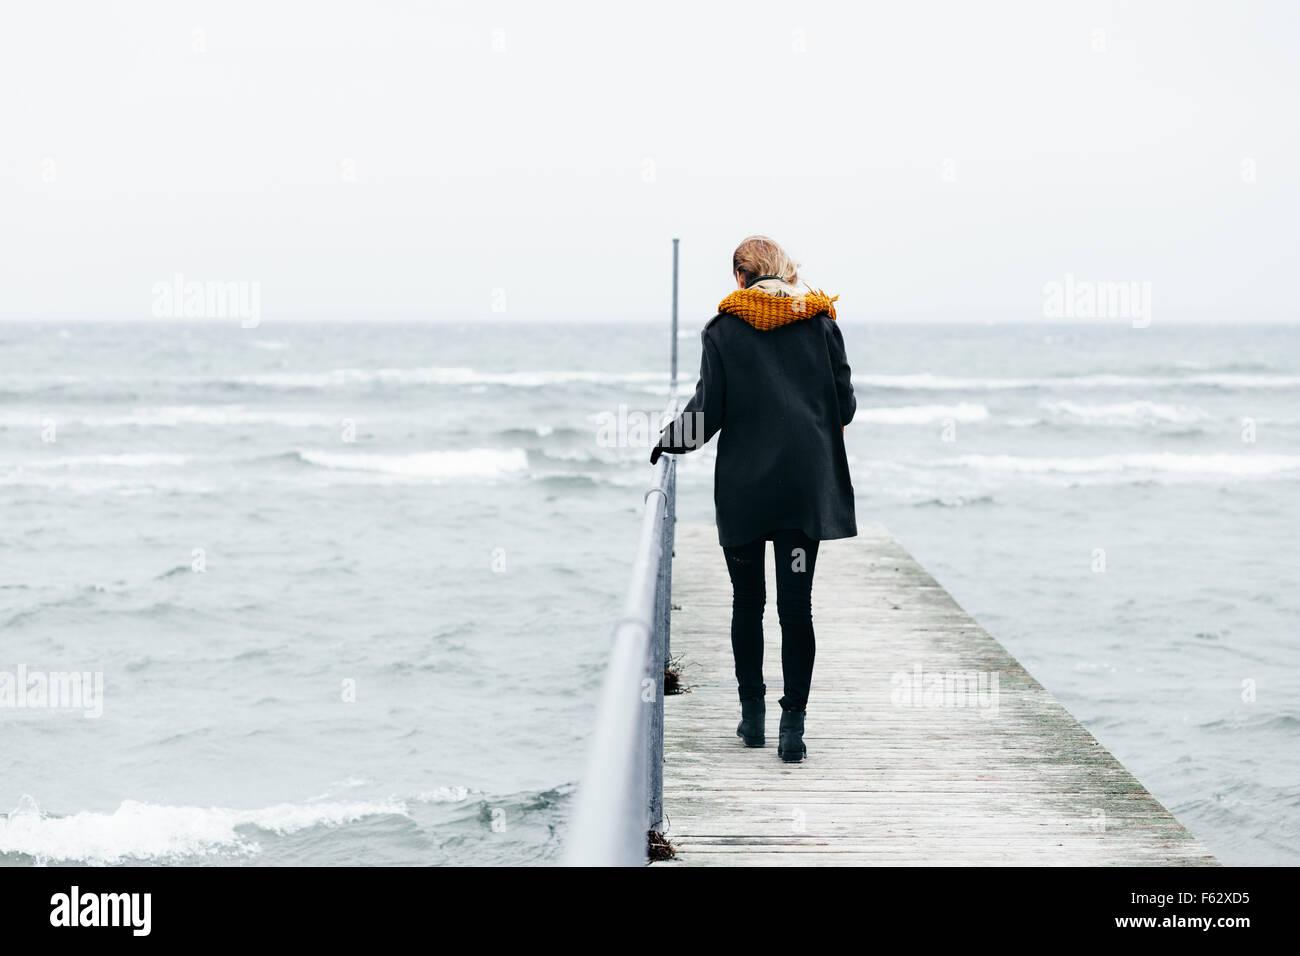 Vista trasera de la longitud completa de la mujer caminando en el muelle sobre el mar Imagen De Stock